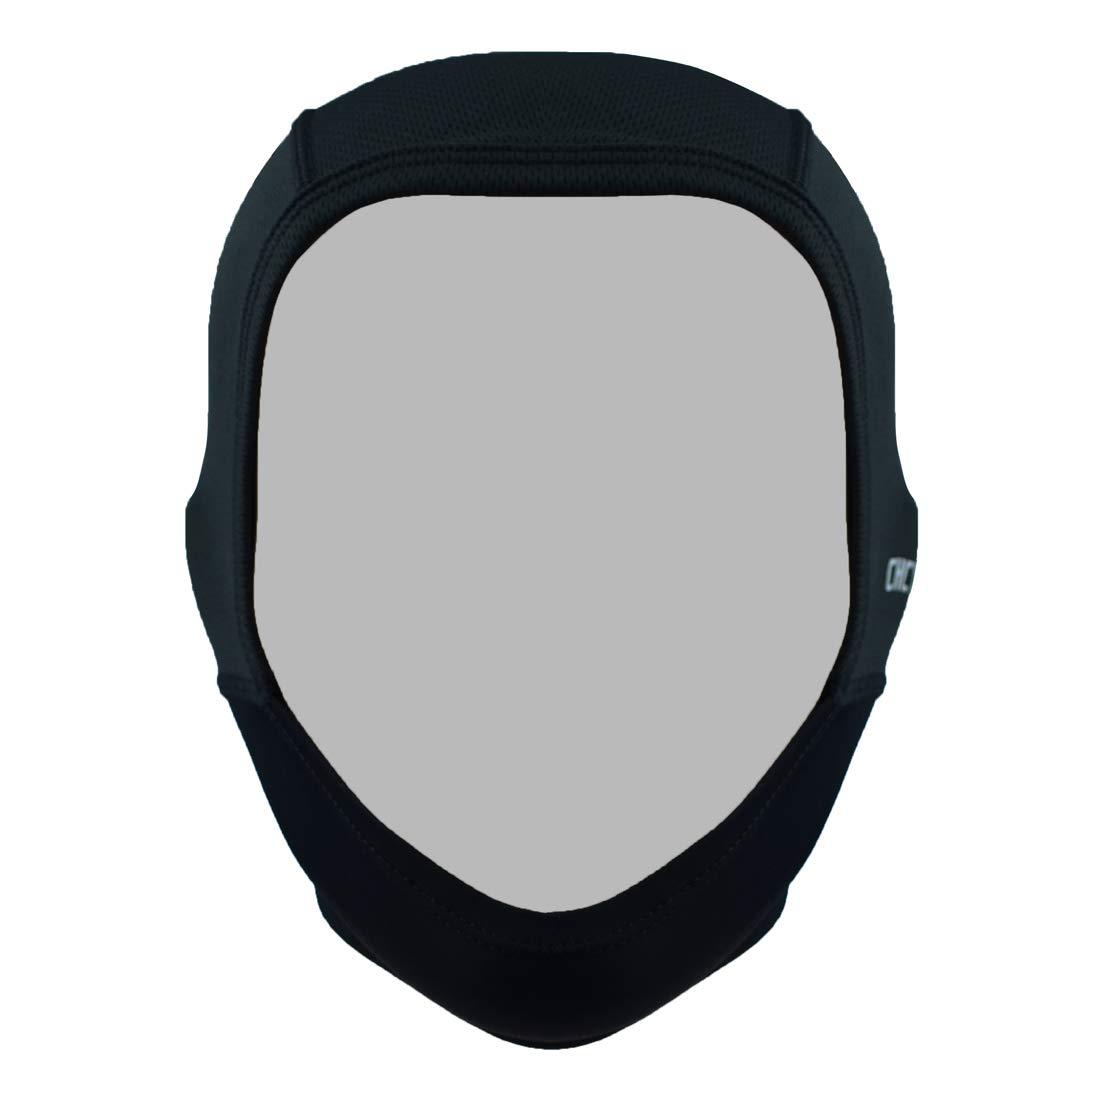 madbike Forro de casco de motocicleta Secado r/ápido Humedad que absorbe debajo de los cascos Gorras de deporte al aire libre